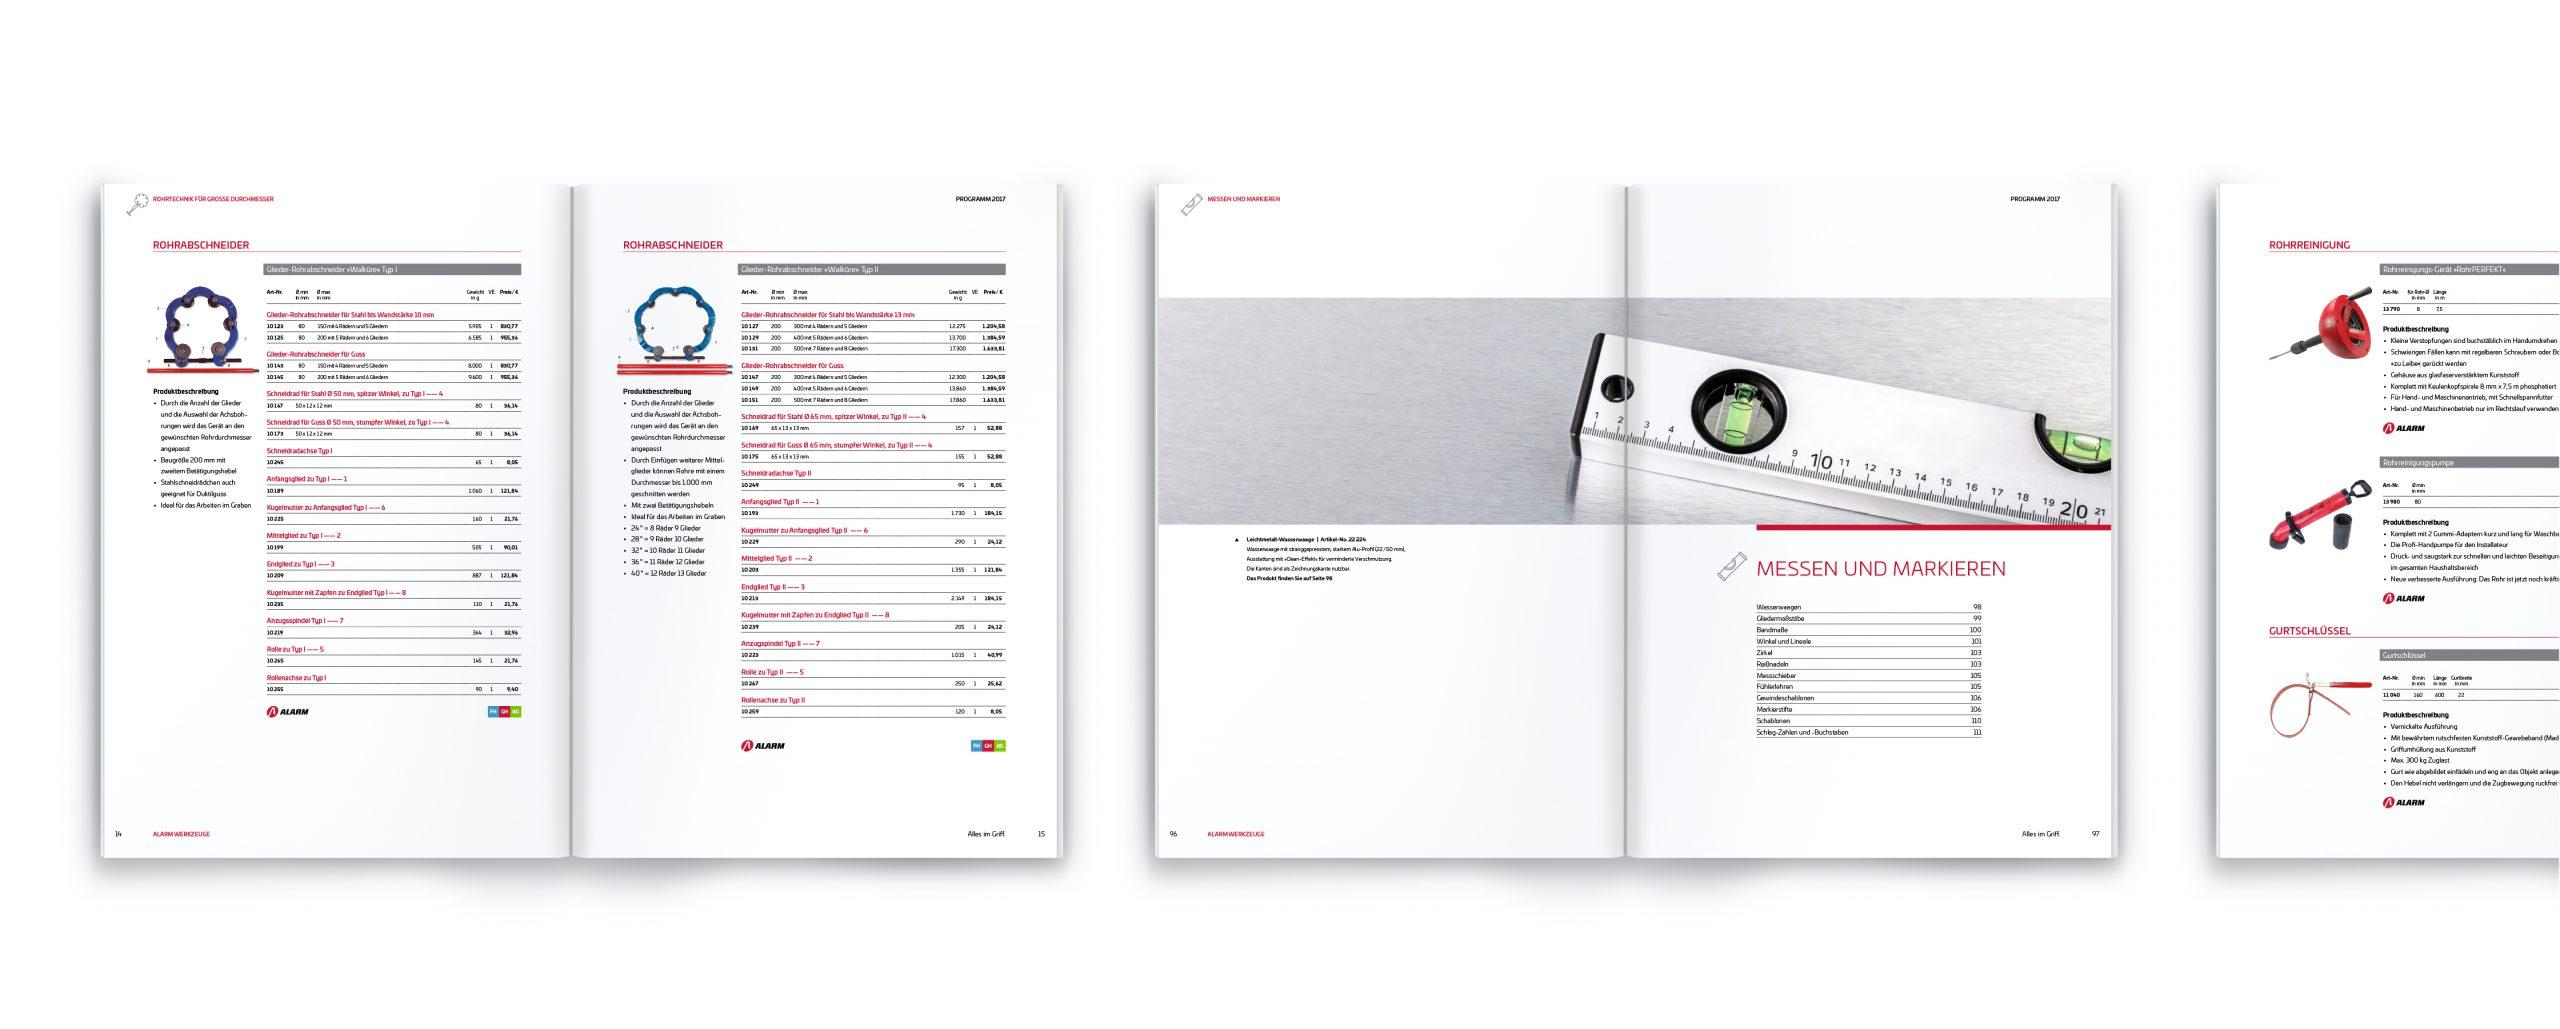 Alarm Werkzeuge: Katalog-Design von Bosbach